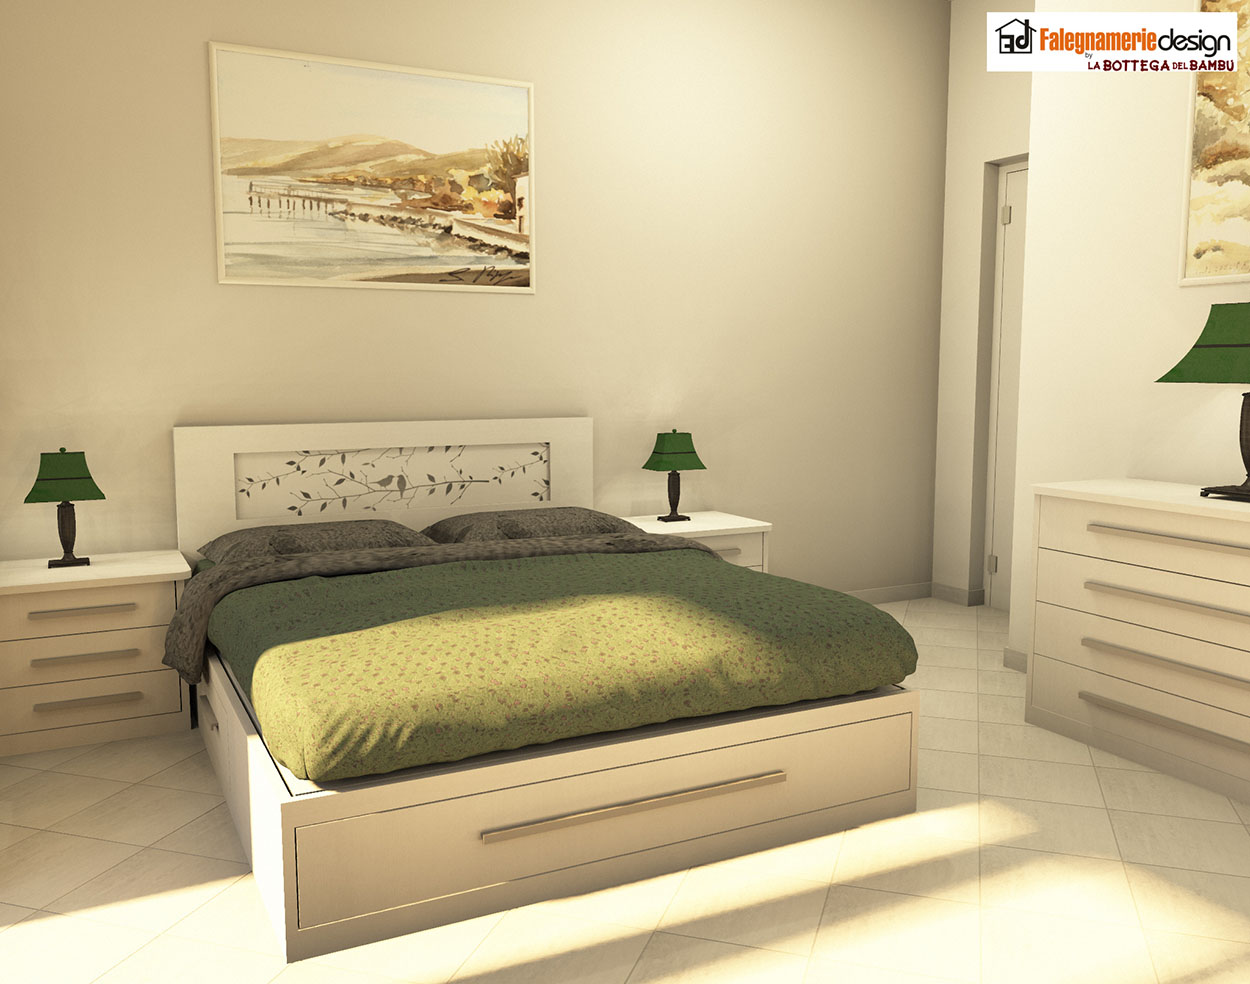 Testata letto personalizzata decoro foglie arredamenti e mobili su misura roma - Testata letto design ...